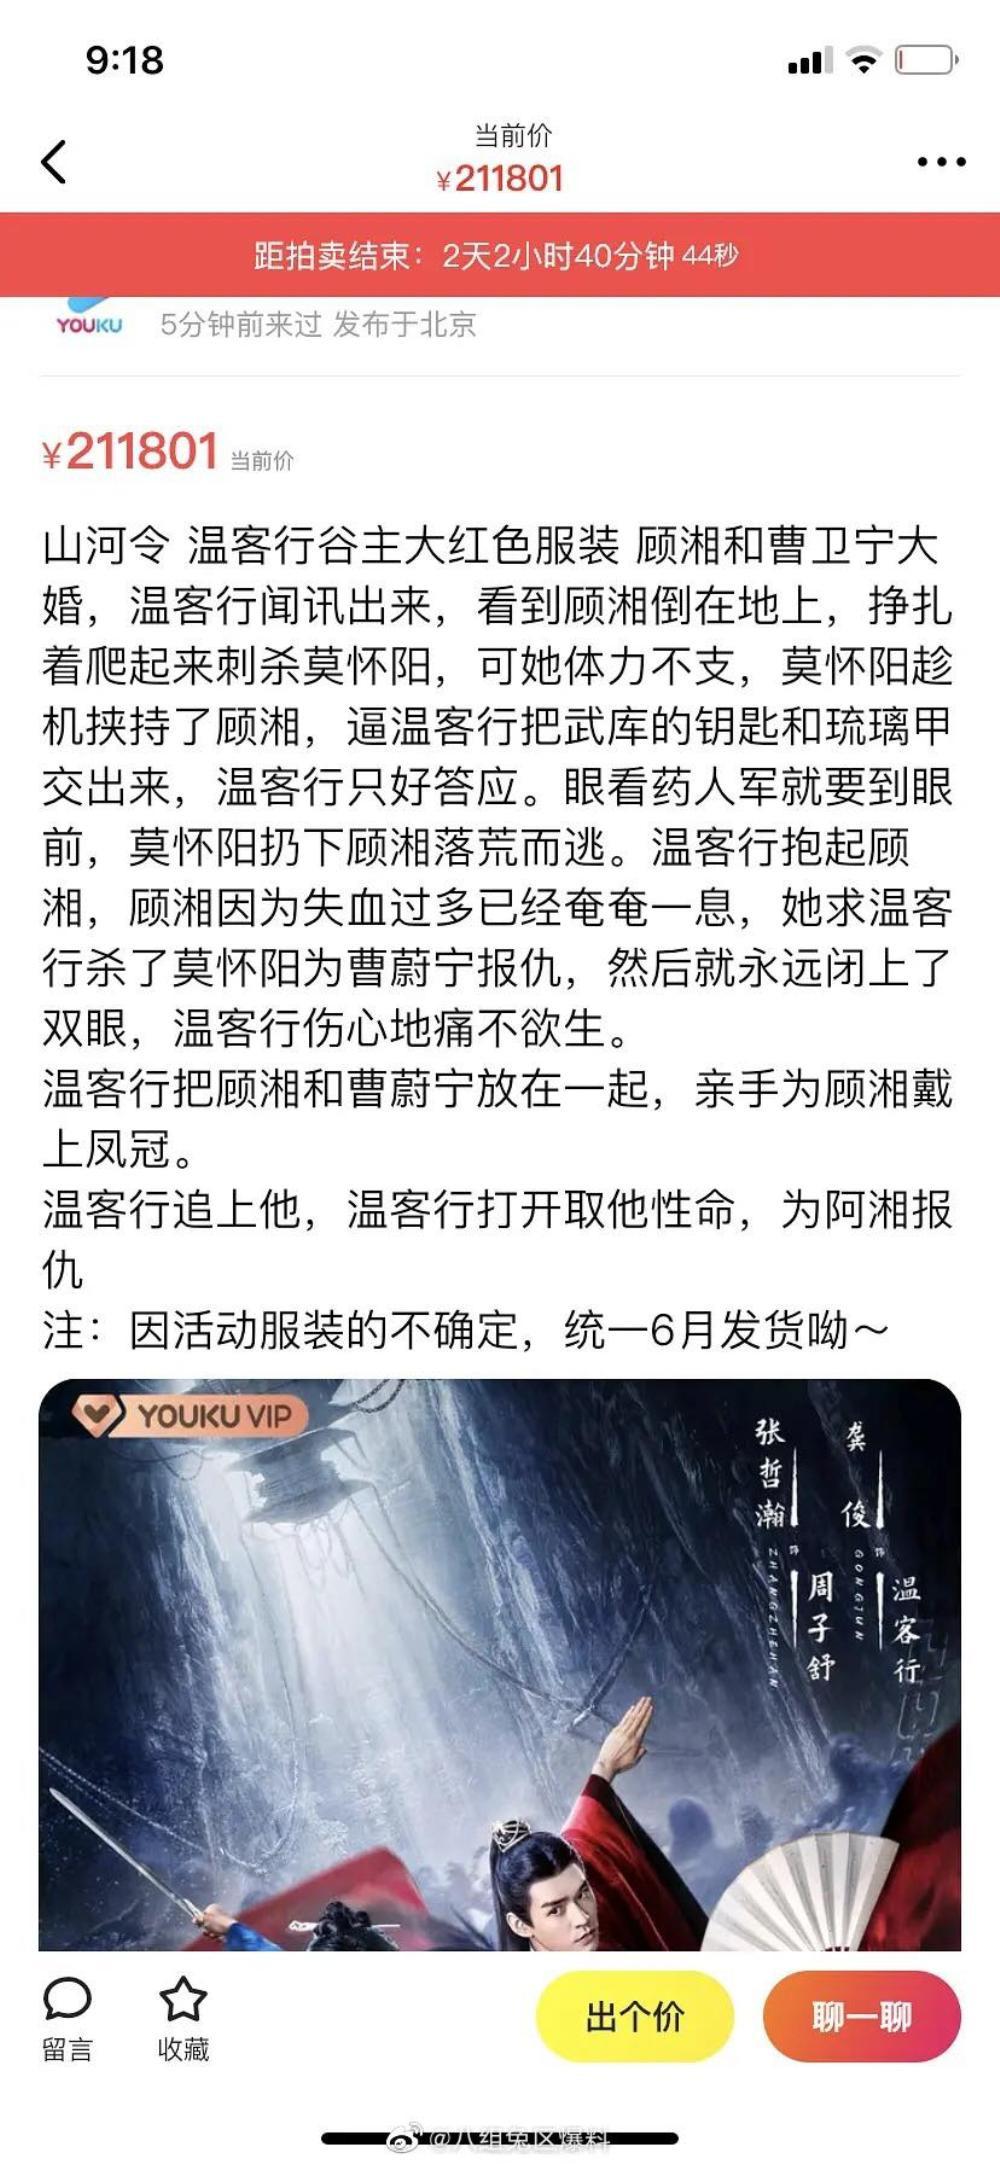 Dân mạng chỉ trích Sơn hà lệnh bòn tiền của fan: 'Mỉa mai Trần tình lệnh mà nay cũng y thế' Ảnh 5